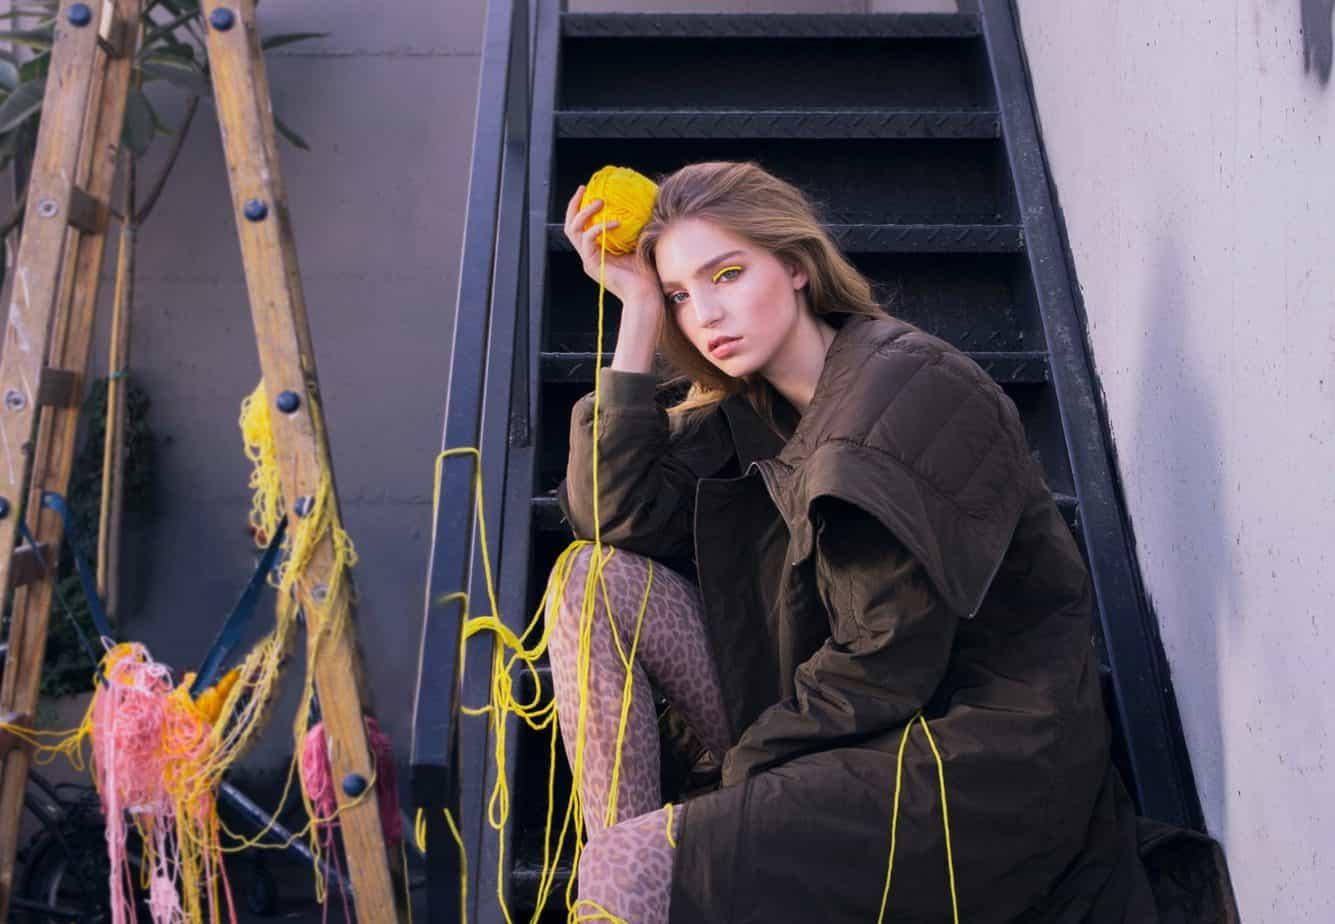 מעיל: Inn7, גרביון: Divine Garage, הפקת אופנה: צילום: קרן גנור, סטיילינג: אורי לשם, דוגמניות: שירה תגר ומאיה פלד ל-A list models, לוקיישן: Mondo 2000,איפור ועיצוב שיער: אלה רן -6